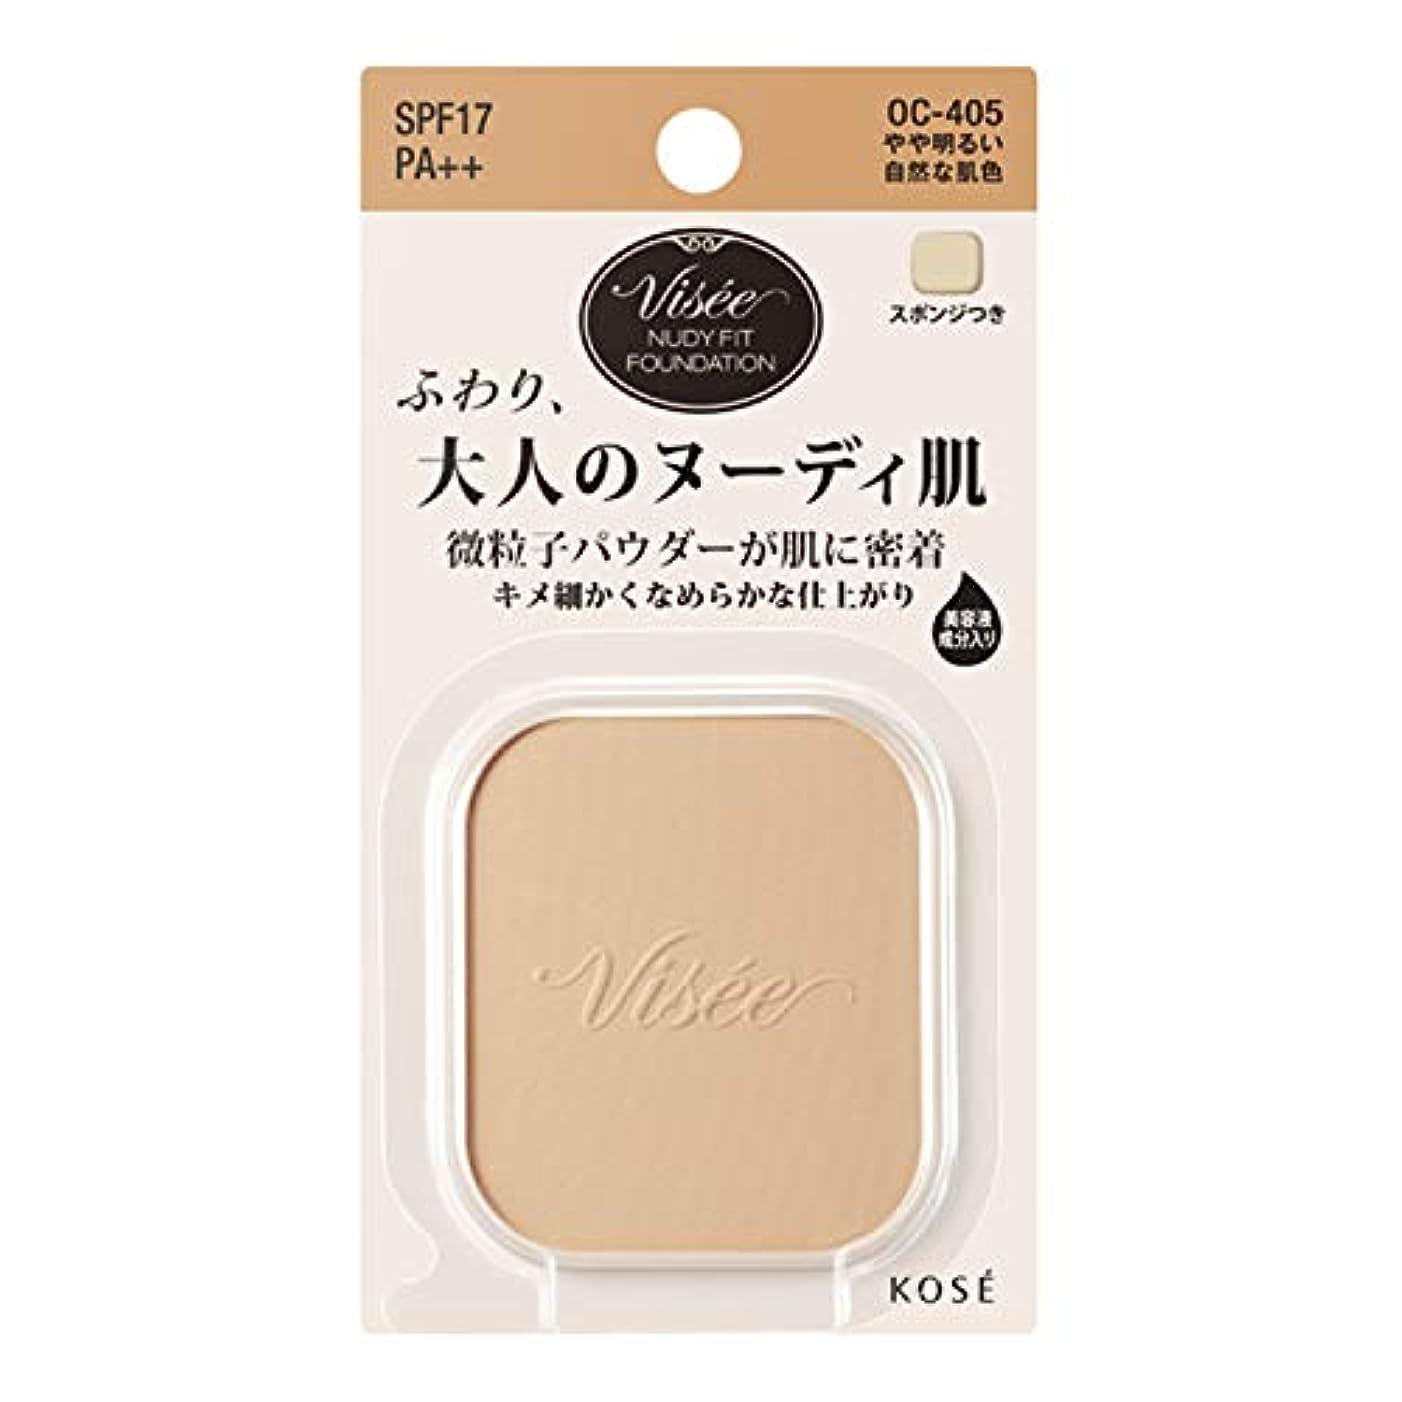 意気揚々発表リードヴィセ リシェ ヌーディフィット ファンデーション やや明るい自然な肌色 OC-405 10g